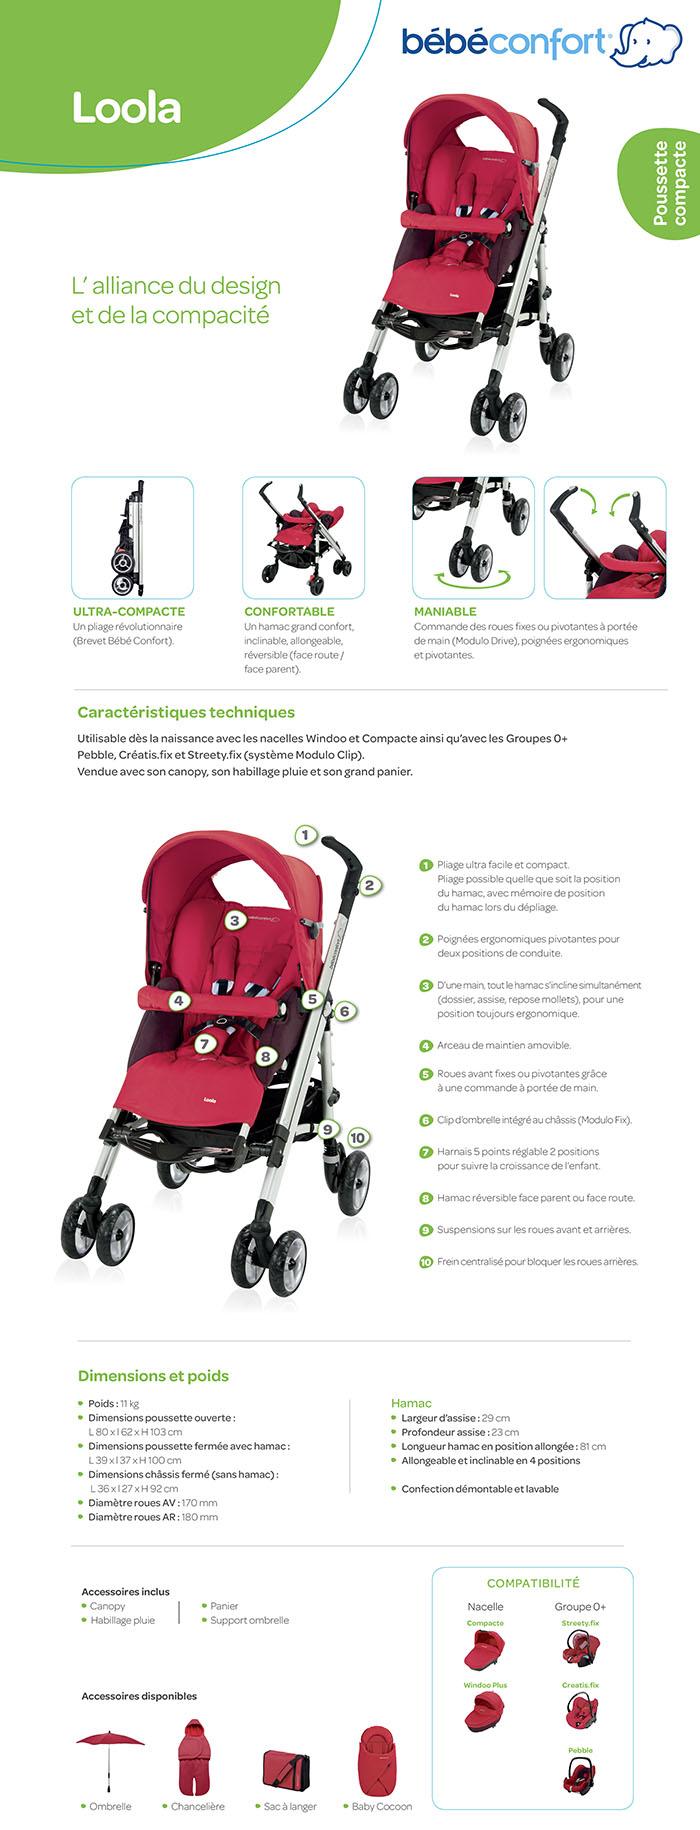 Bébé Confort Poussette Loola Total Black Collection 2011 Amazonfr